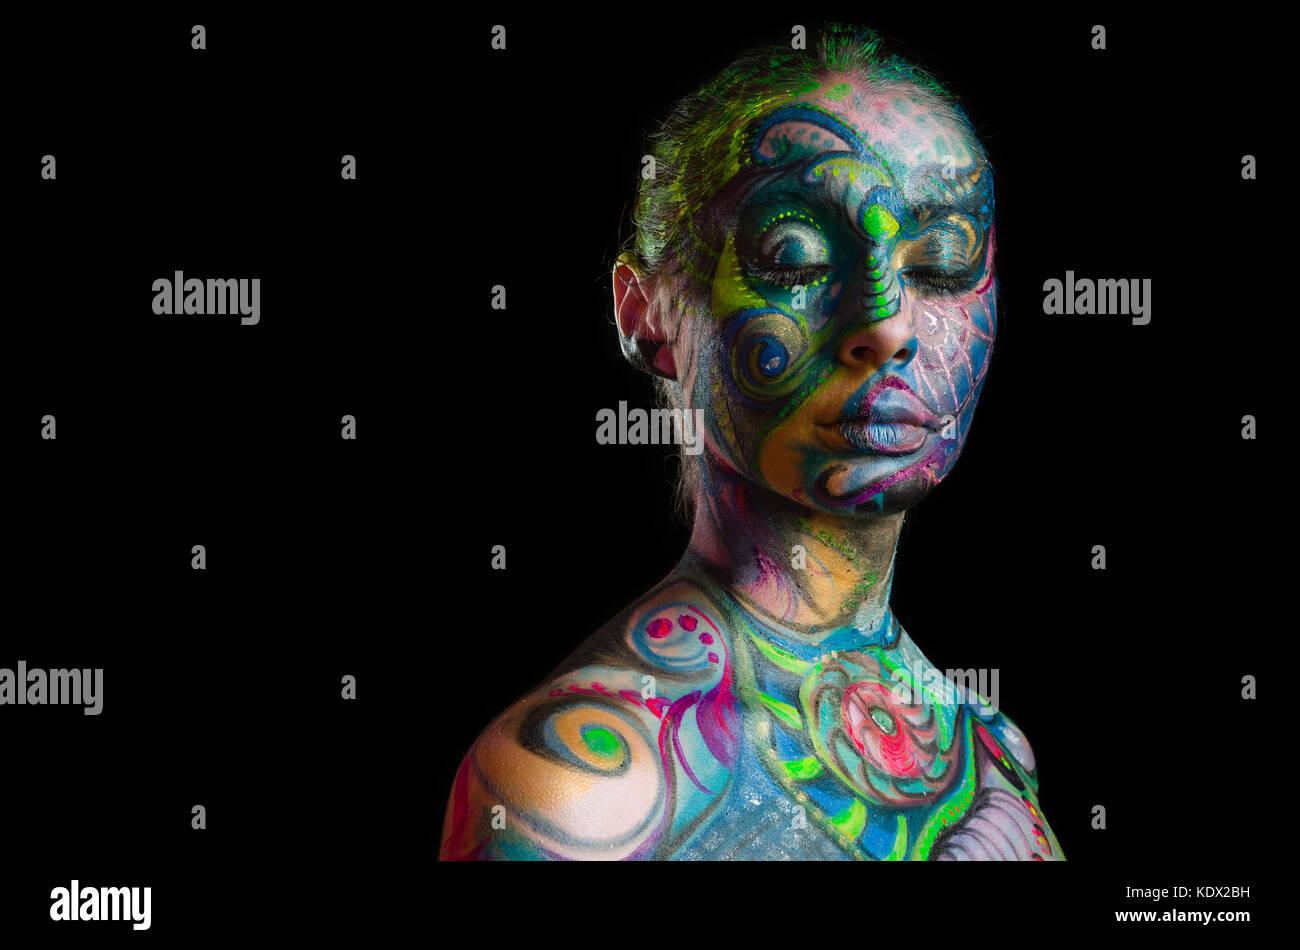 Schönen Körper Kunst - künstlerische Gesicht (Vorderansicht) Stockbild